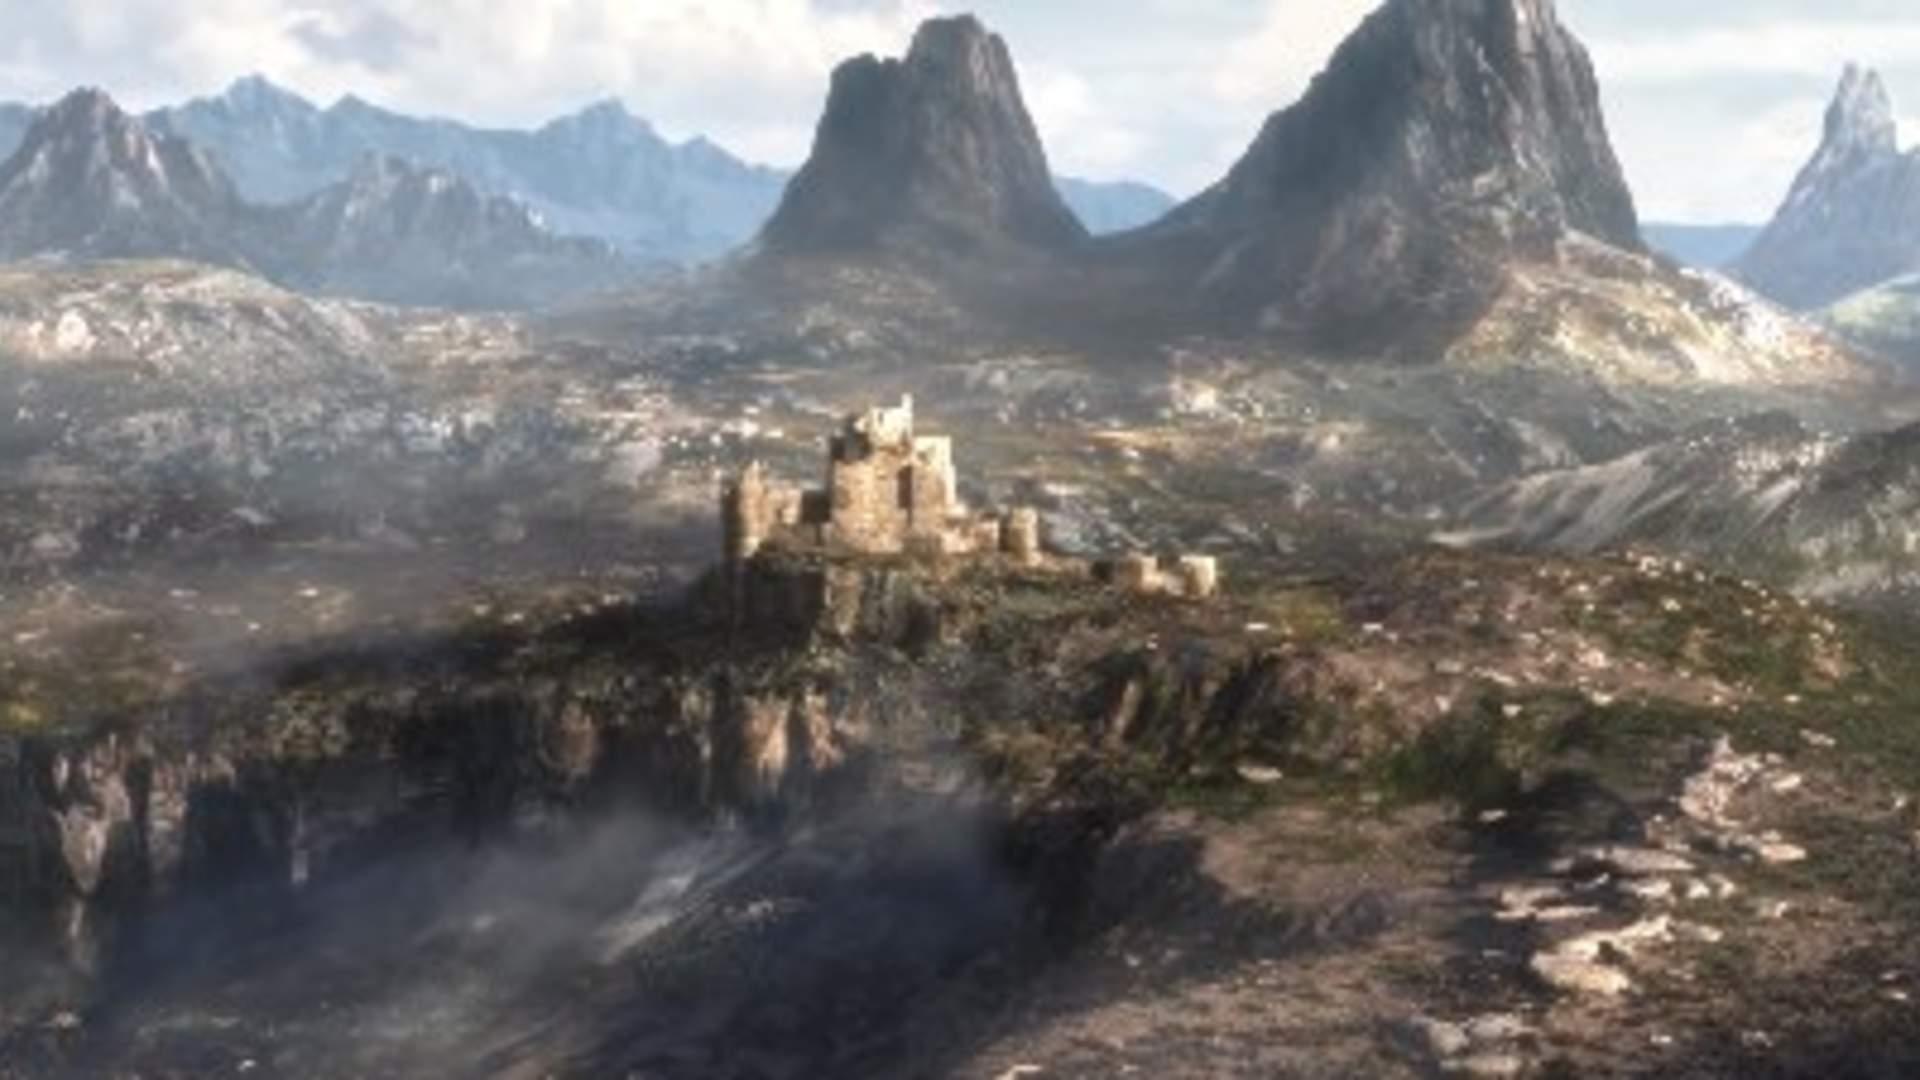 03-04-2019-the-elder-scrolls-6-release-date-trailer-setting.jpg